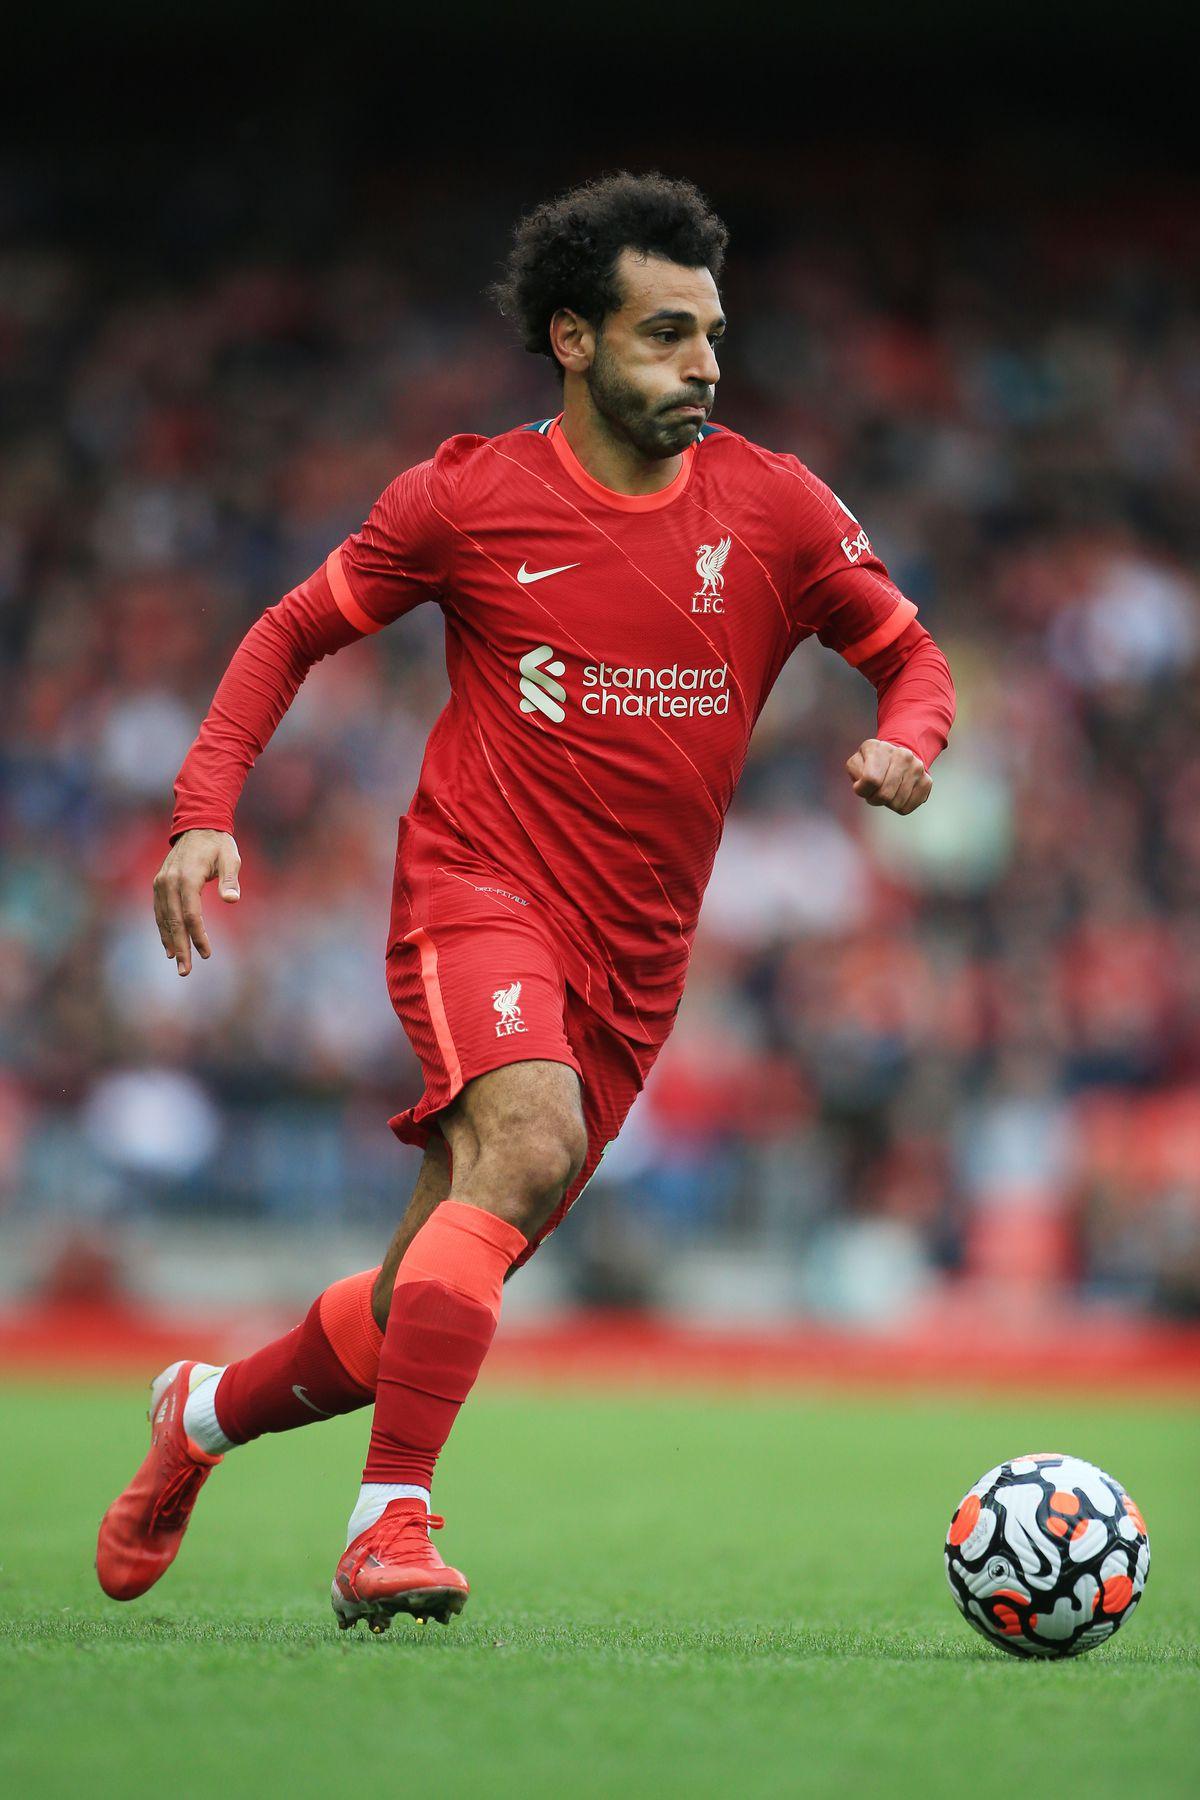 Liverpool v Athletic Club - Pre-Season Friendly